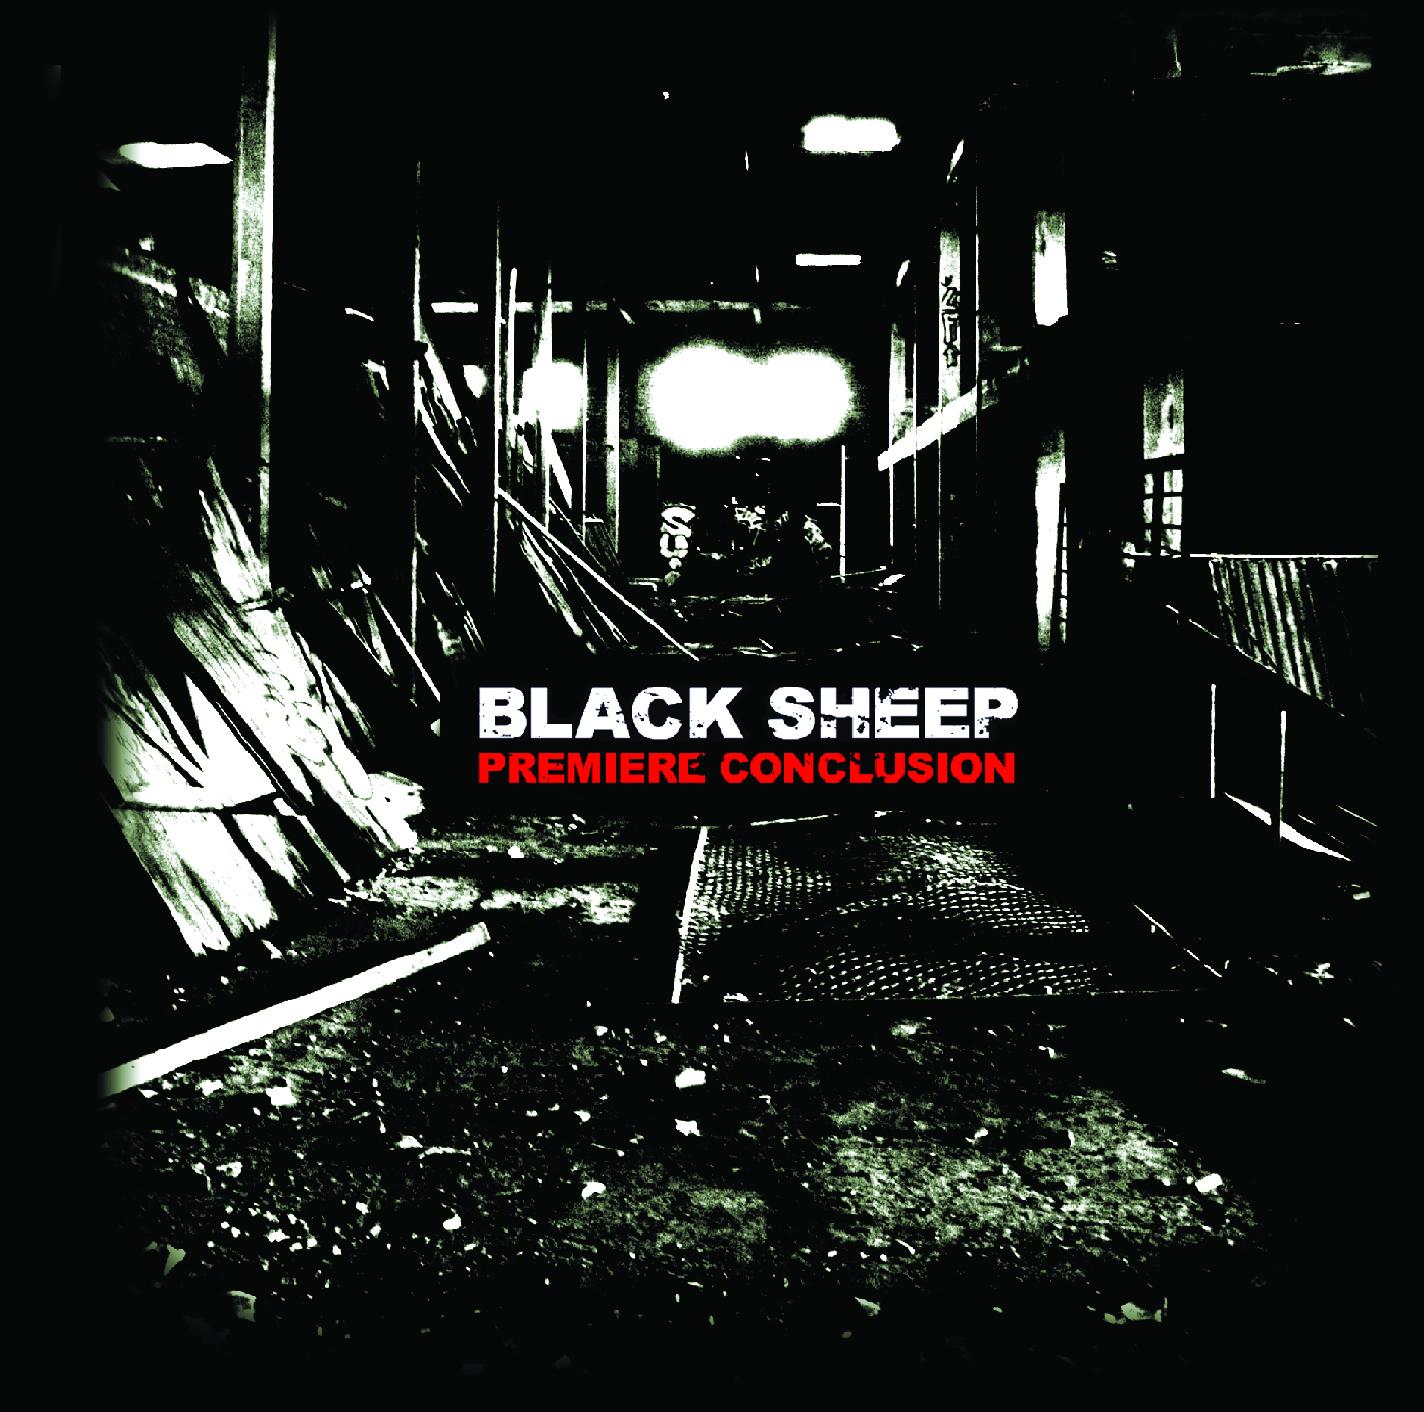 Black Sheep - première conclusion